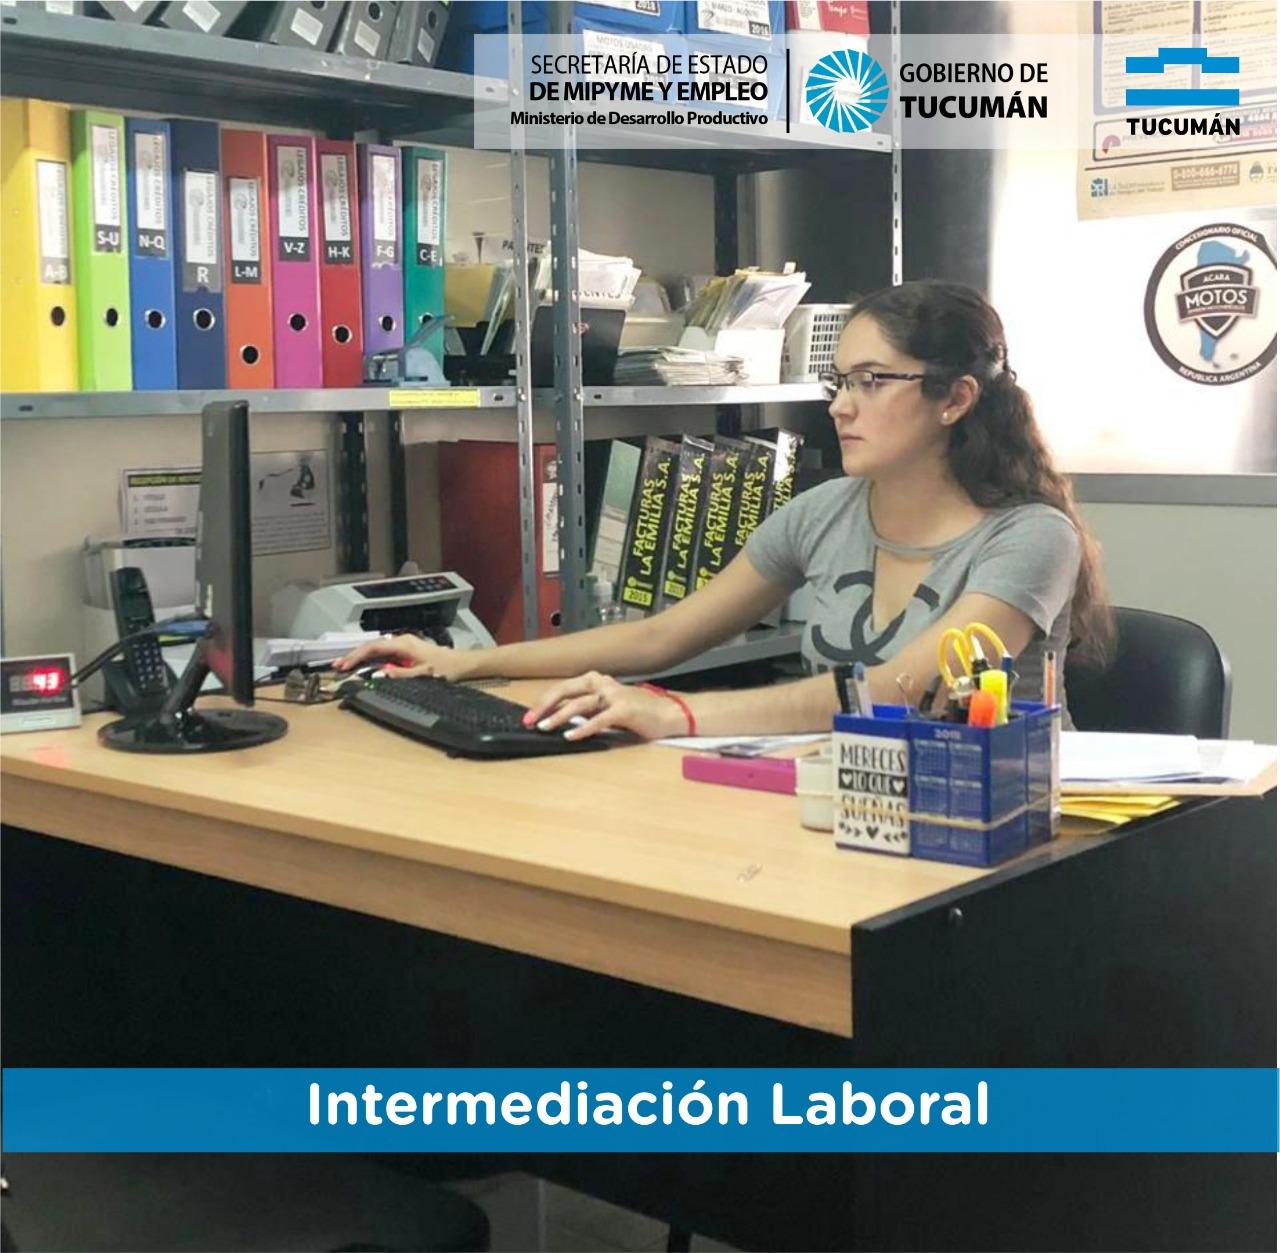 Intermediación laboral – Primeras Experiencias Laborales